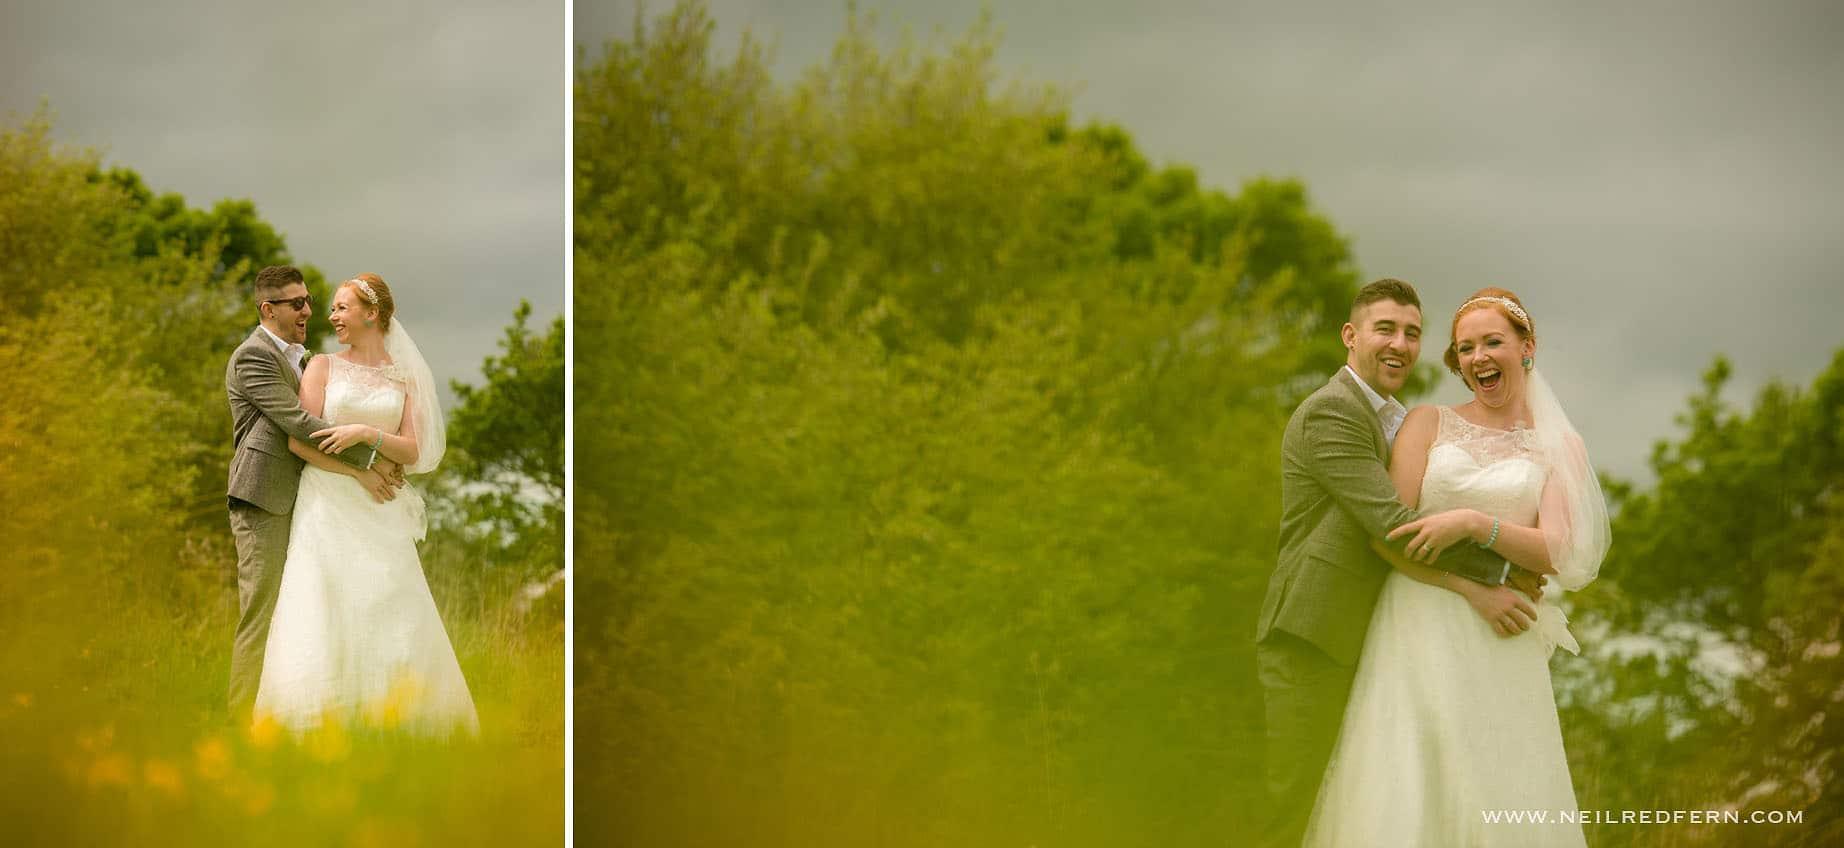 Styal Lodge wedding photographer 25